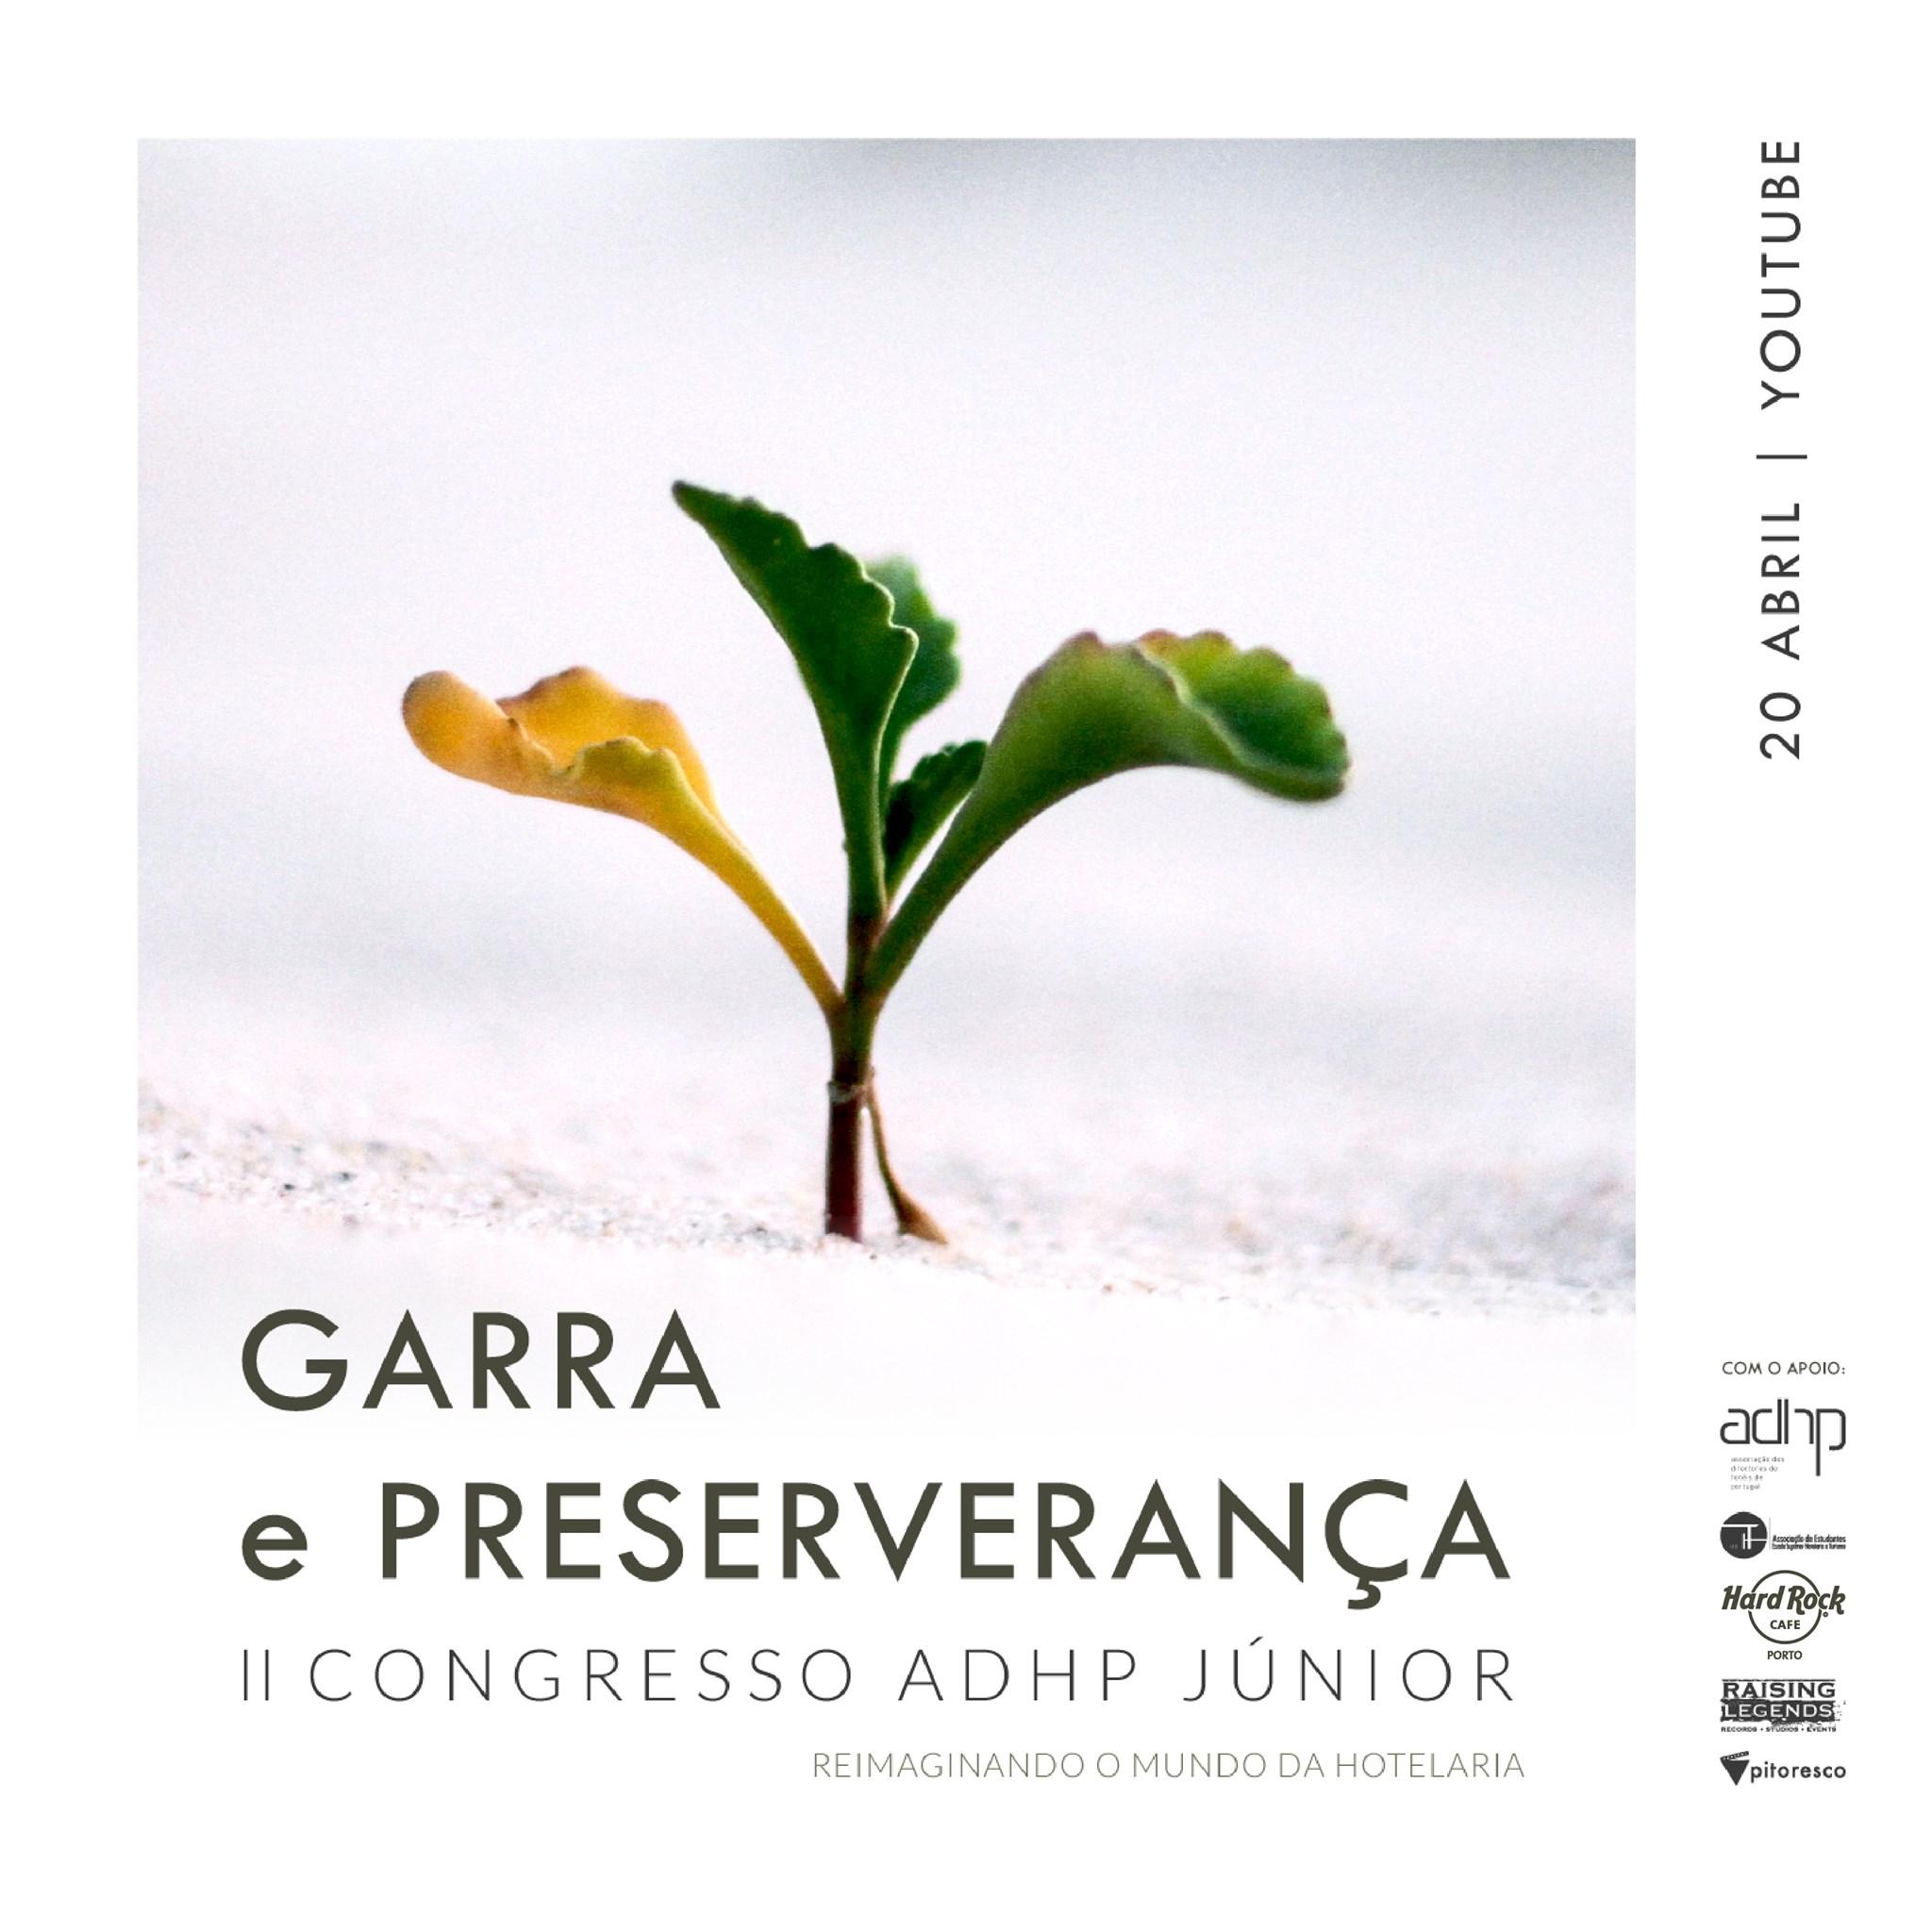 II Congresso ADHP Júnior 'Garra e Perseverança'